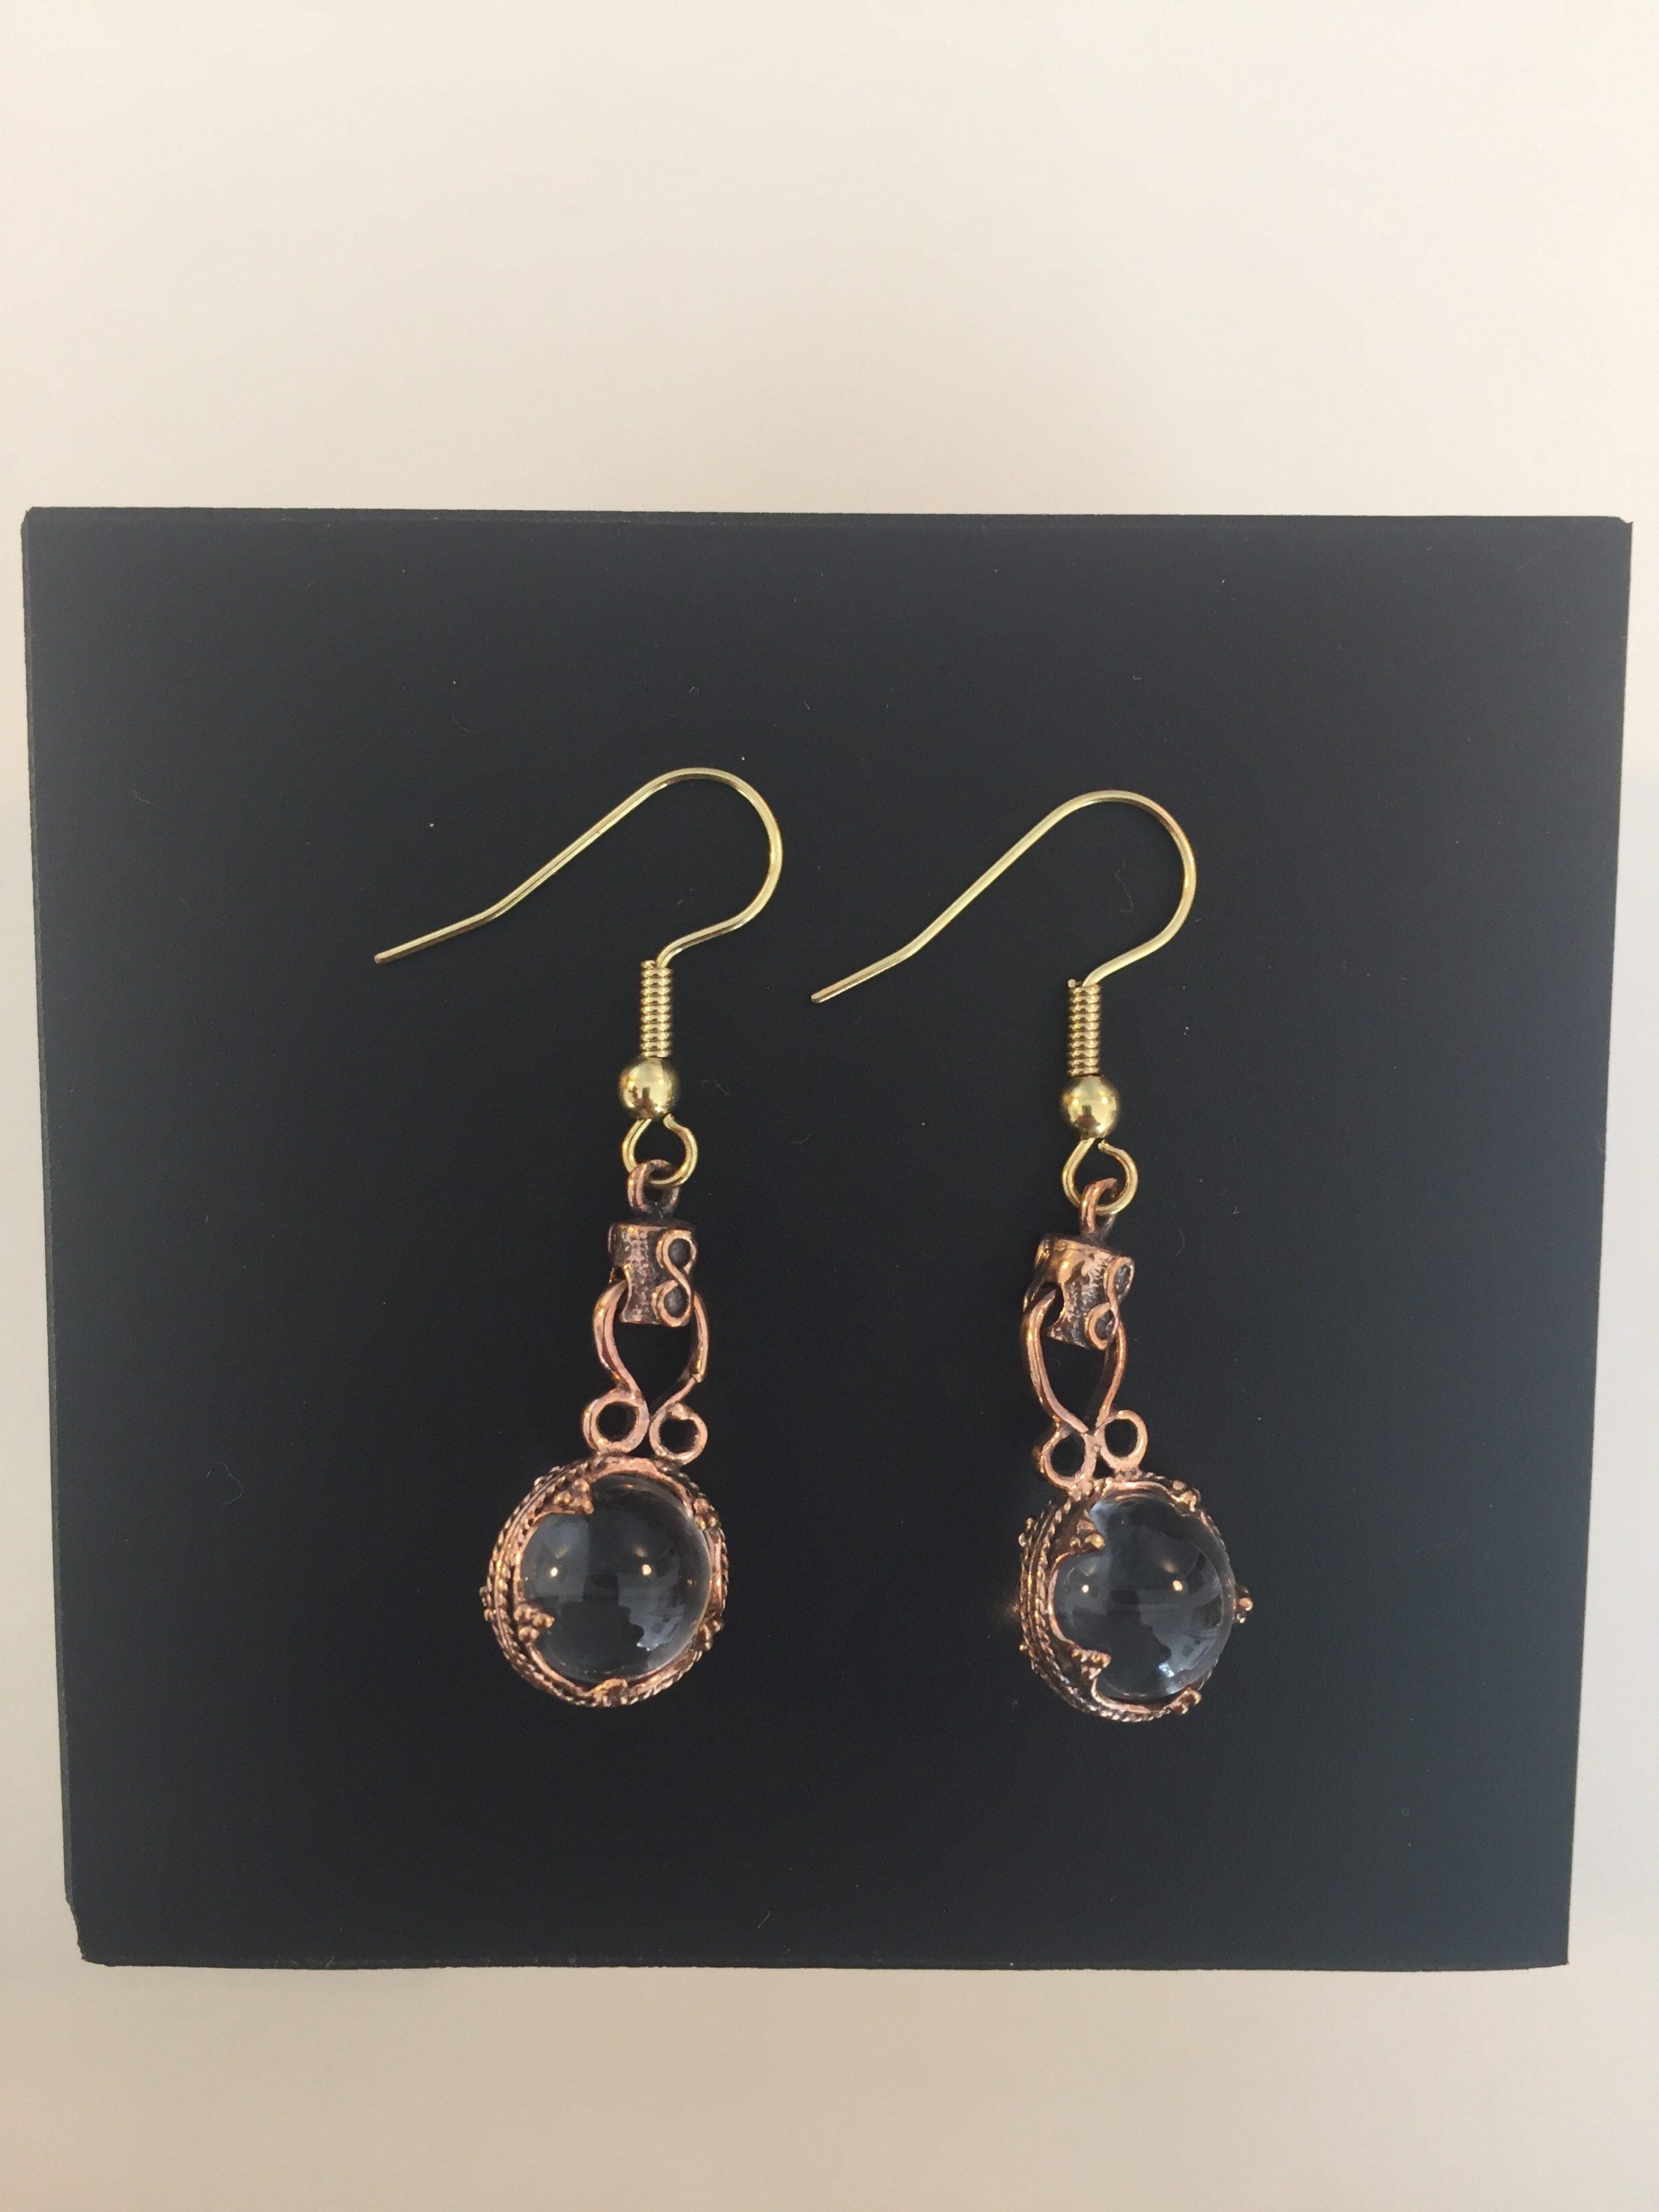 vikingesmykke - vikingeørehængere øreringe med gotlandsk krystal